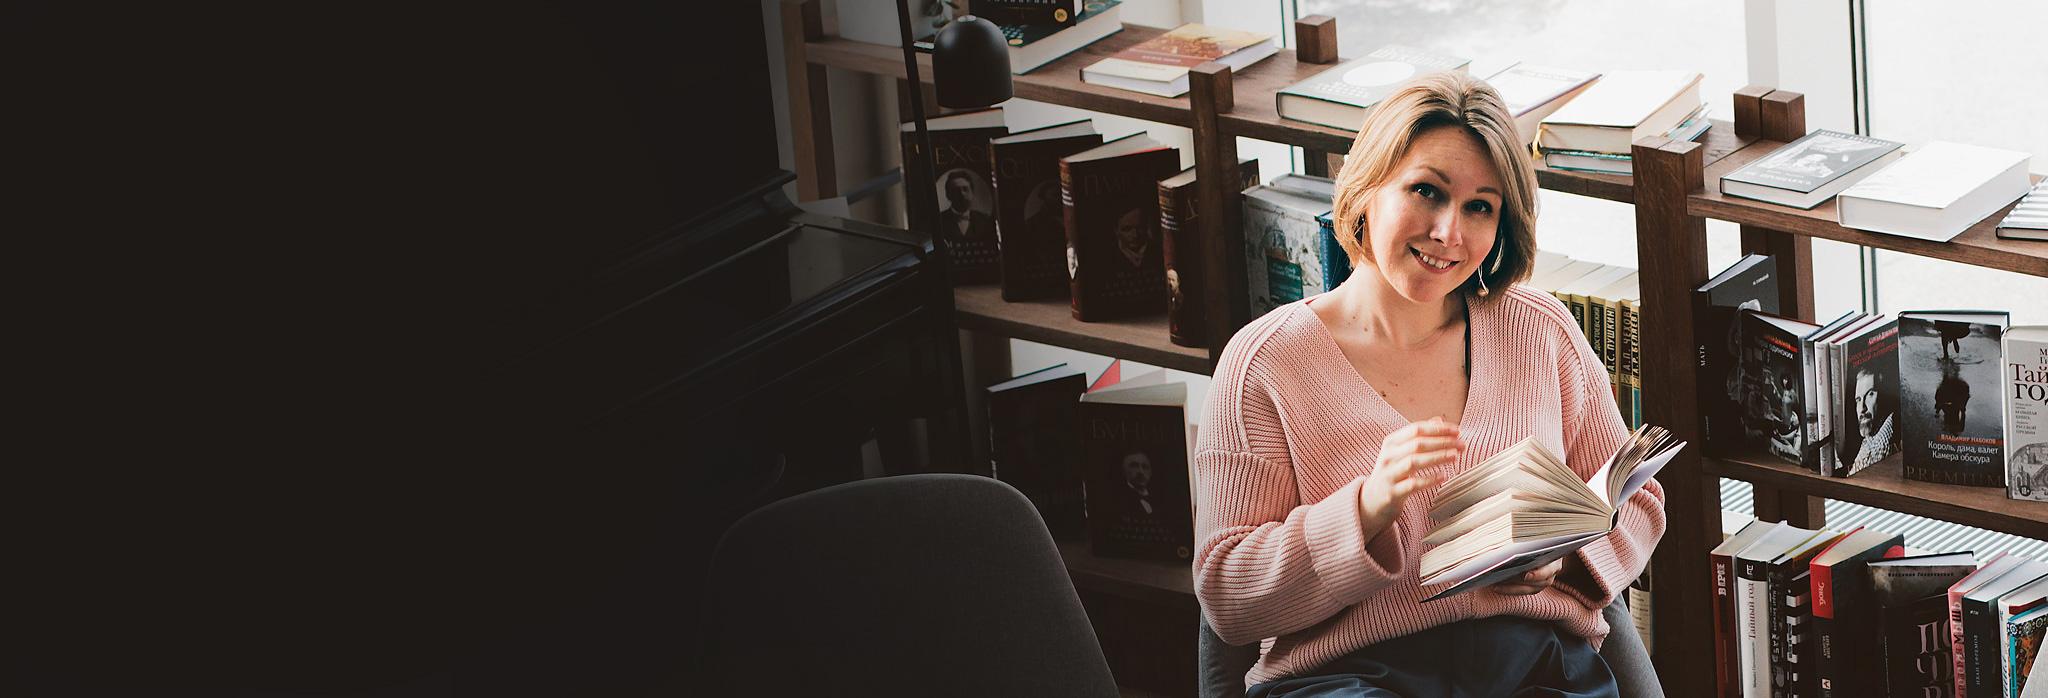 Сторителлинг и писательское мастерство онлайн Екатерина Оаро | Вдохновить на роман